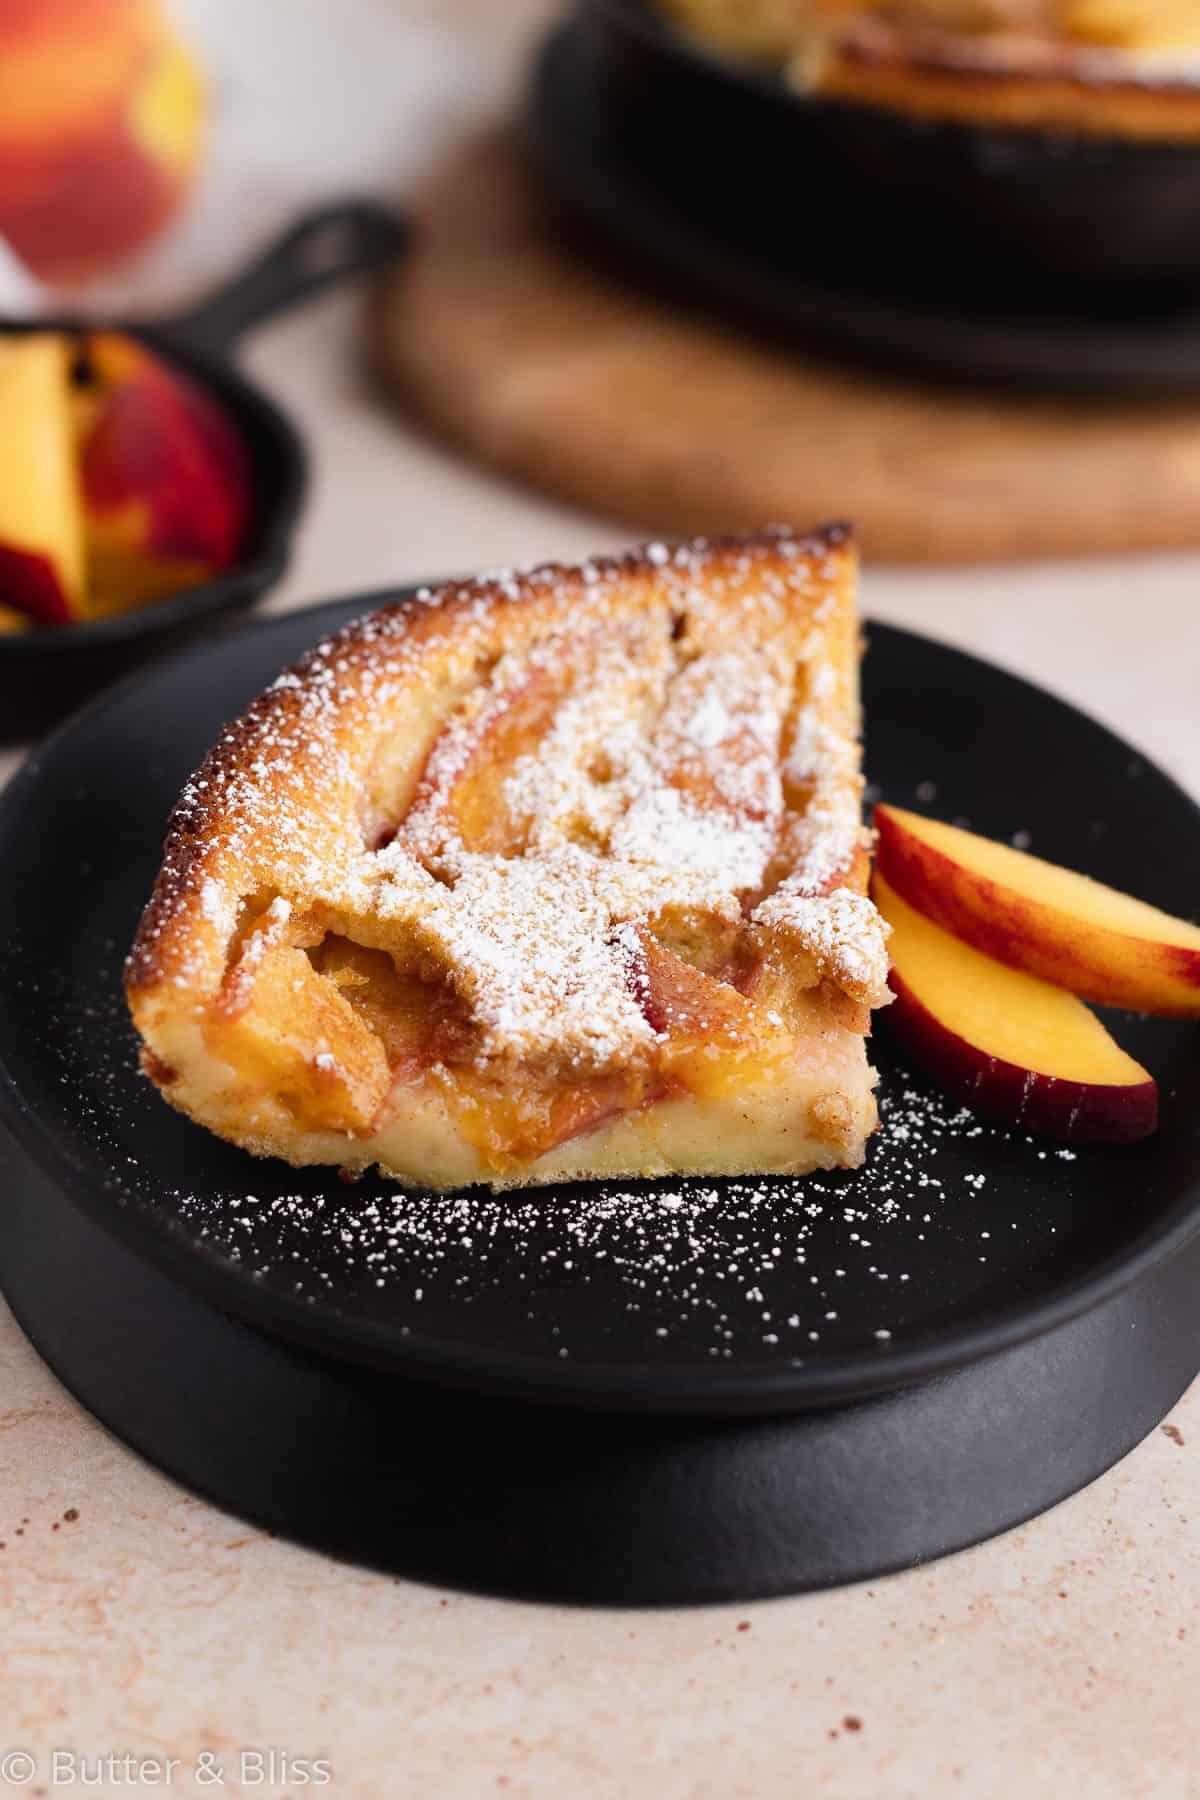 Slice of custardy peach clafoutis on a plate